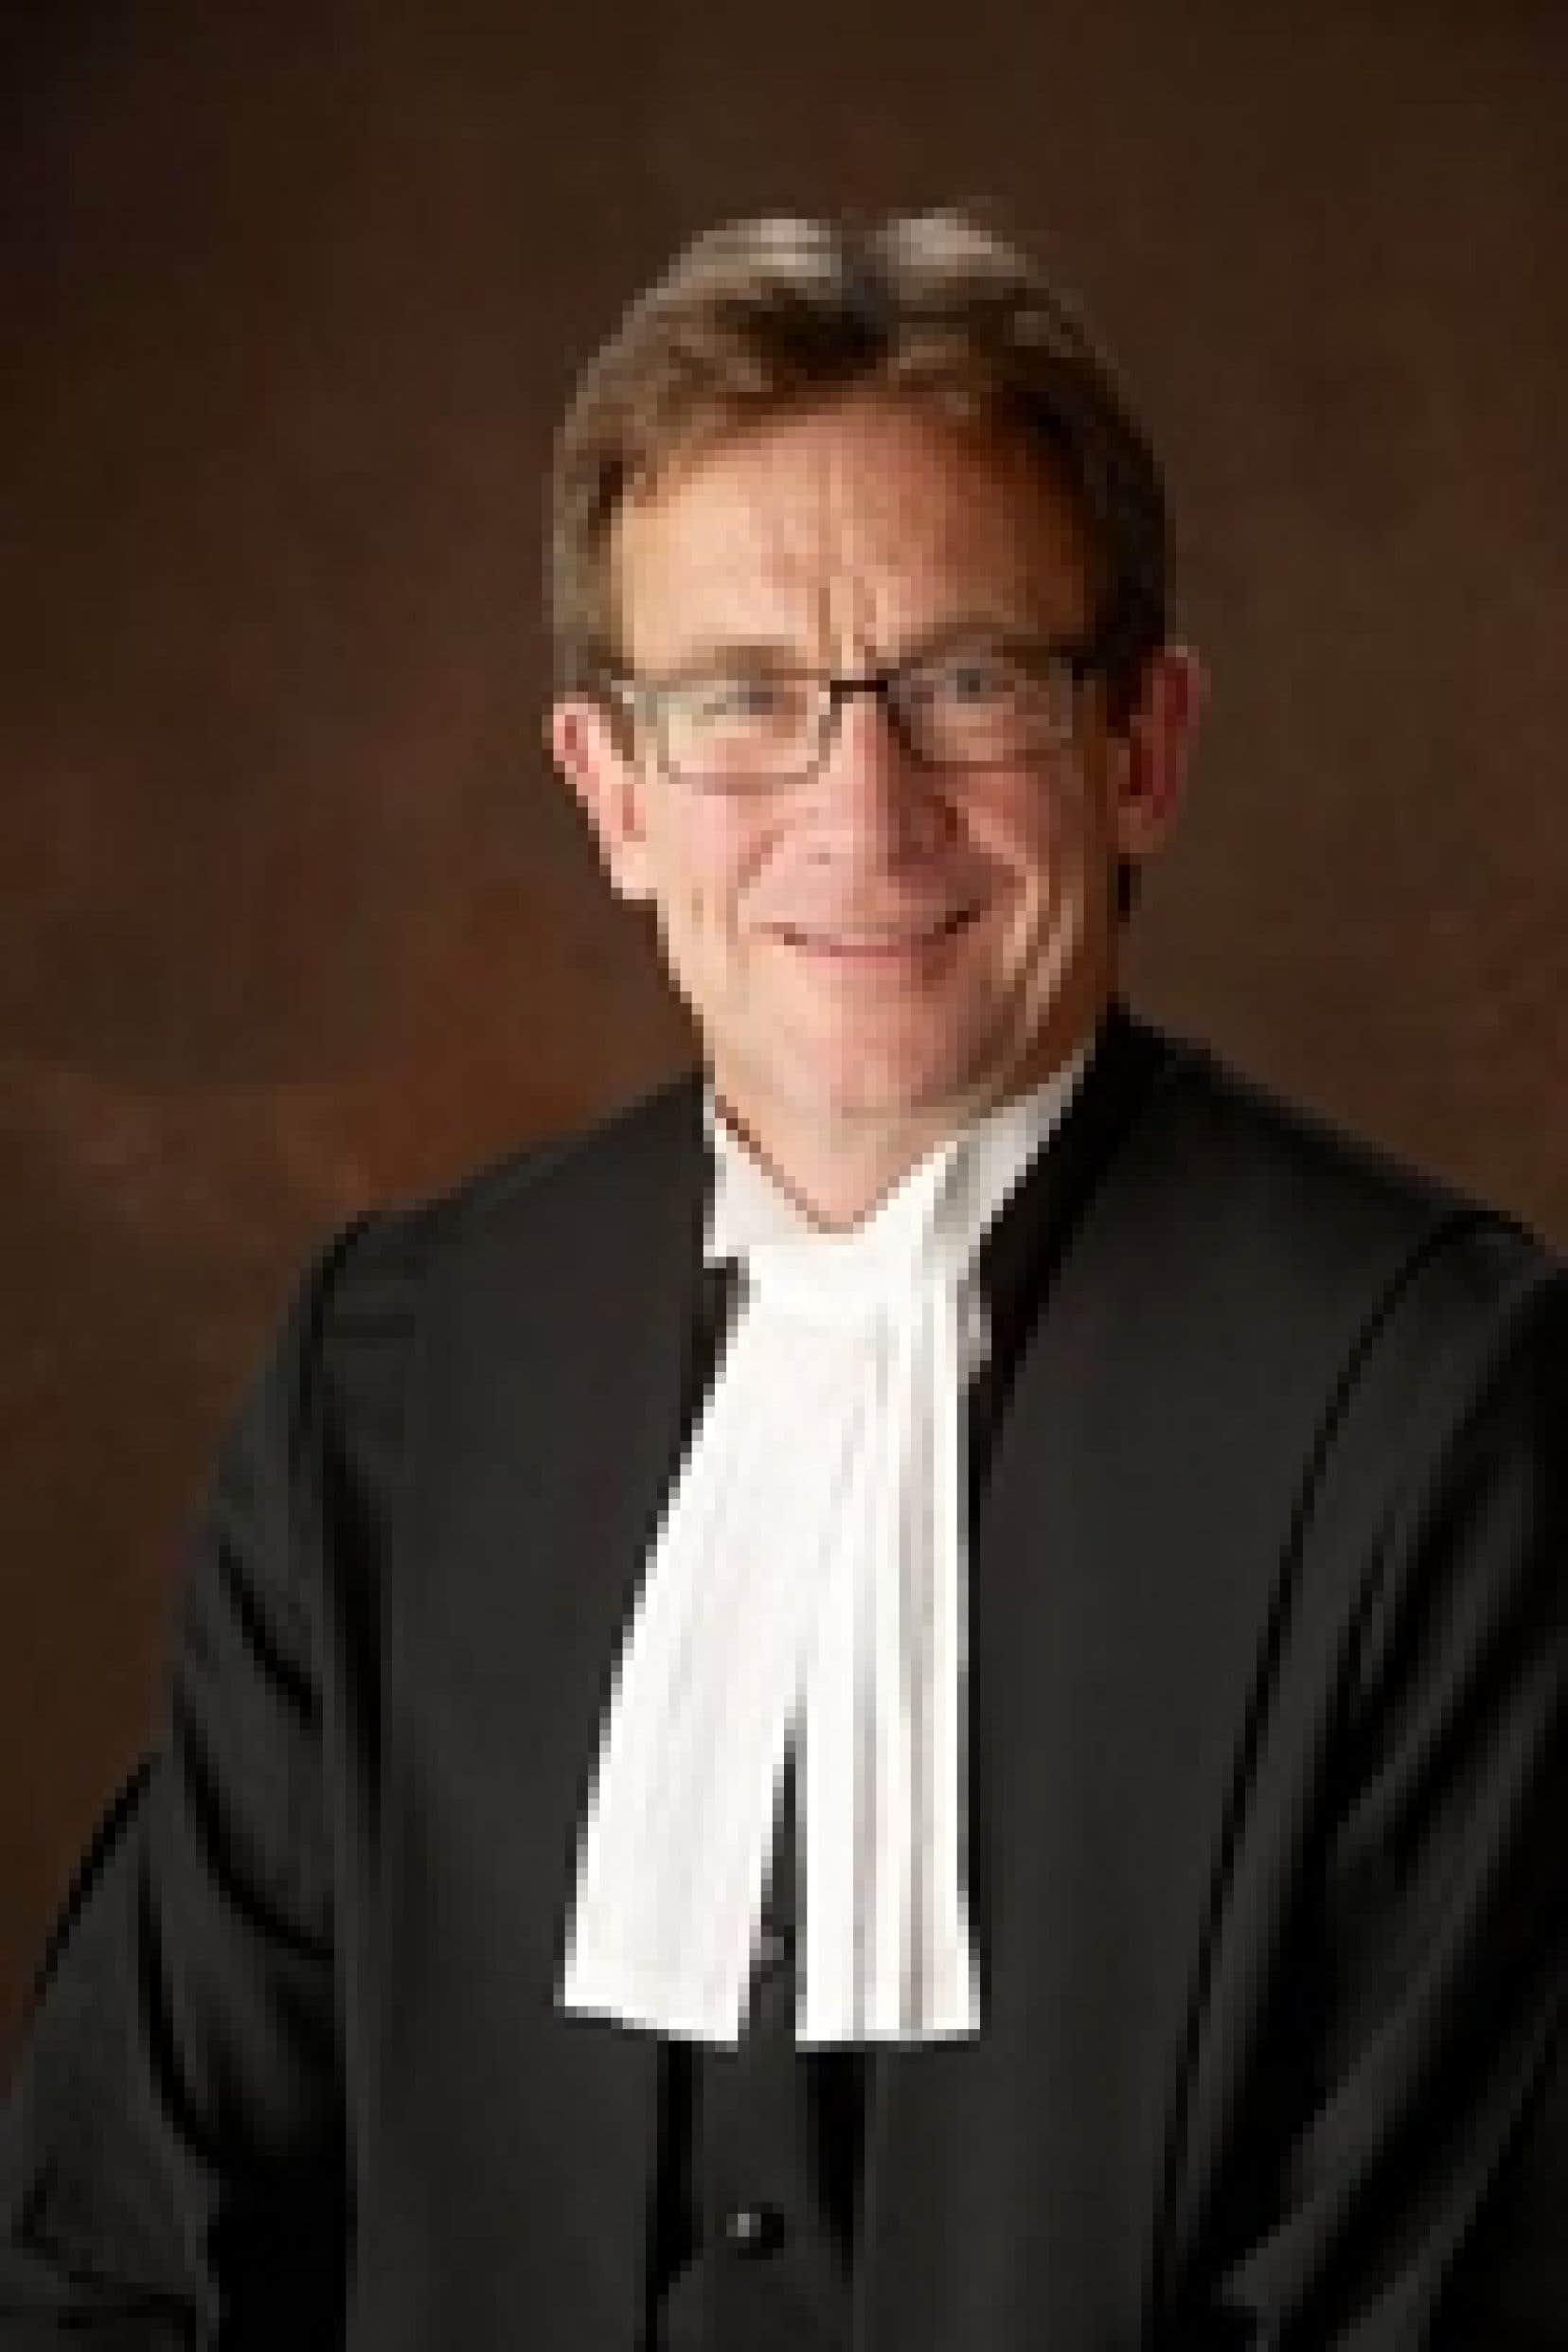 Le juge Clément Gascon